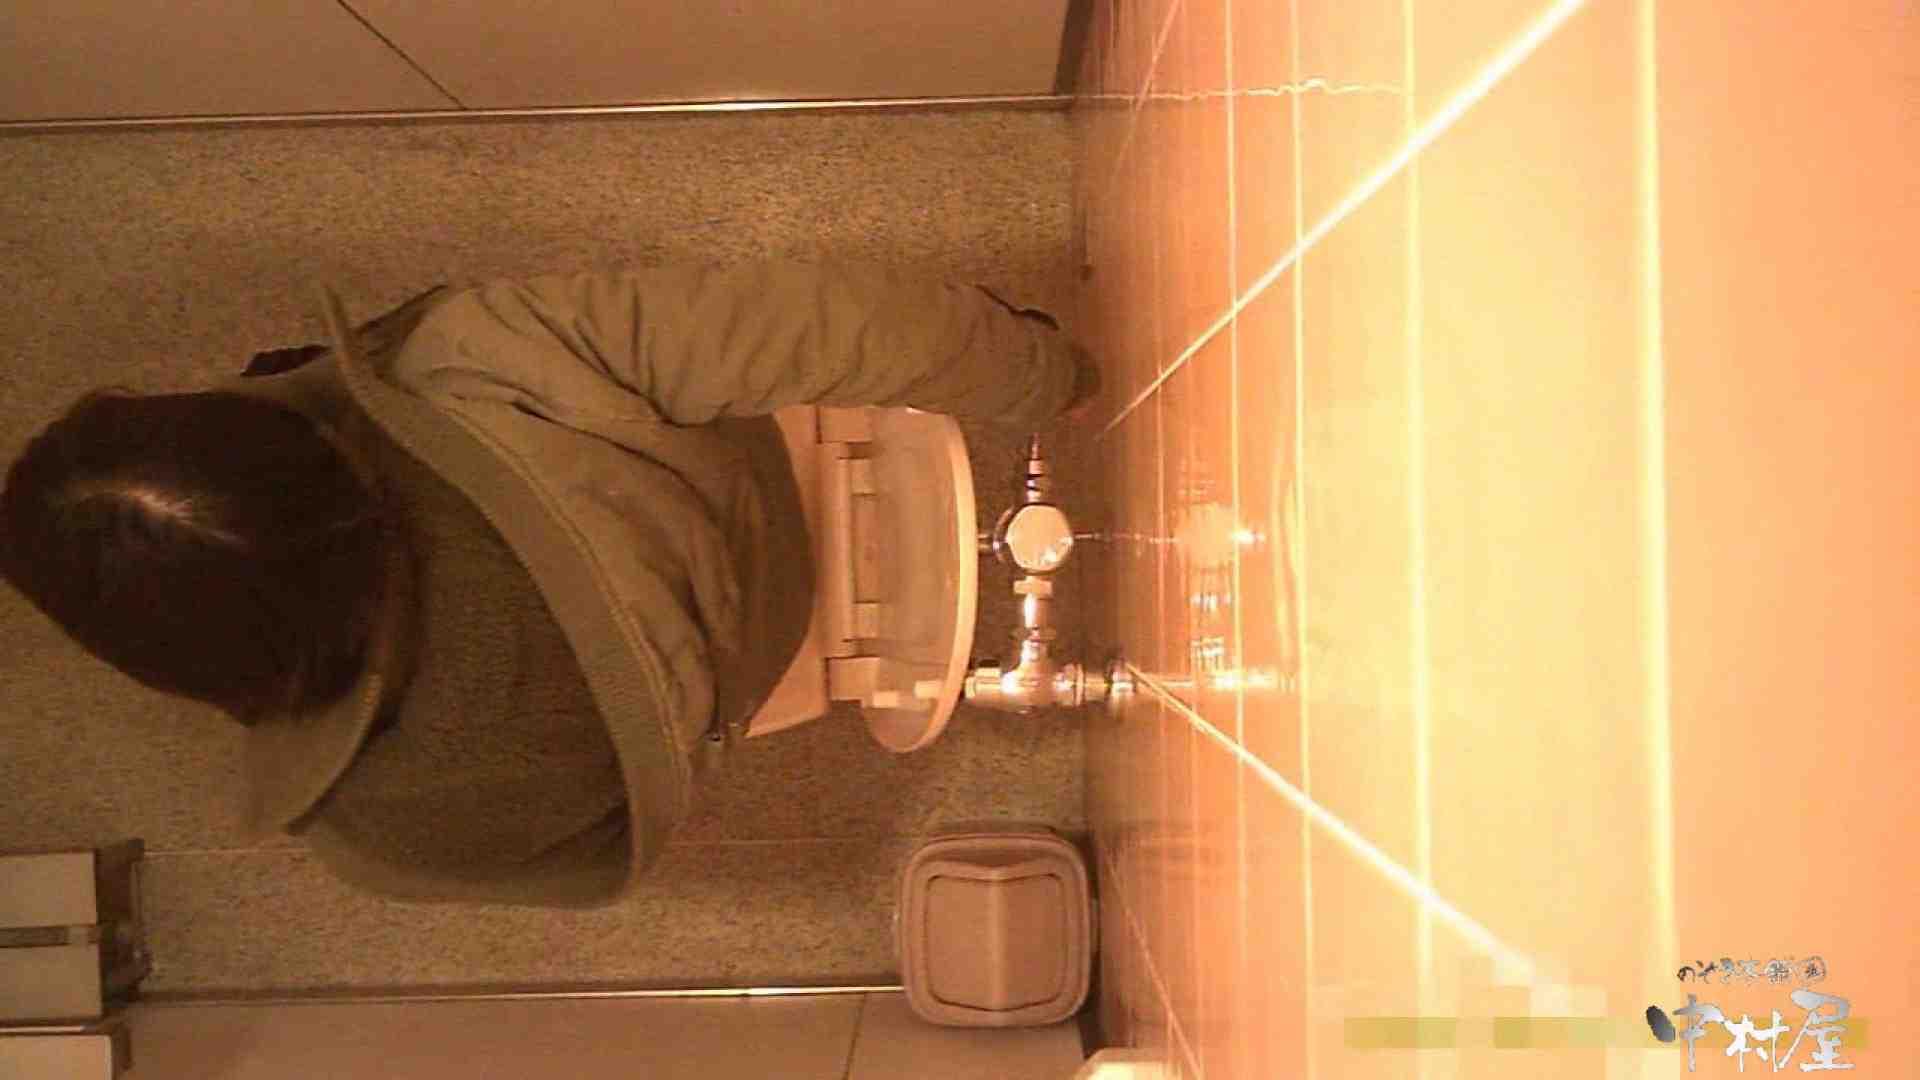 初盗撮!女盗撮師カレンさんの 潜入!女子トイレ盗撮!Vol.5 美女 | 女子トイレ  99画像 29